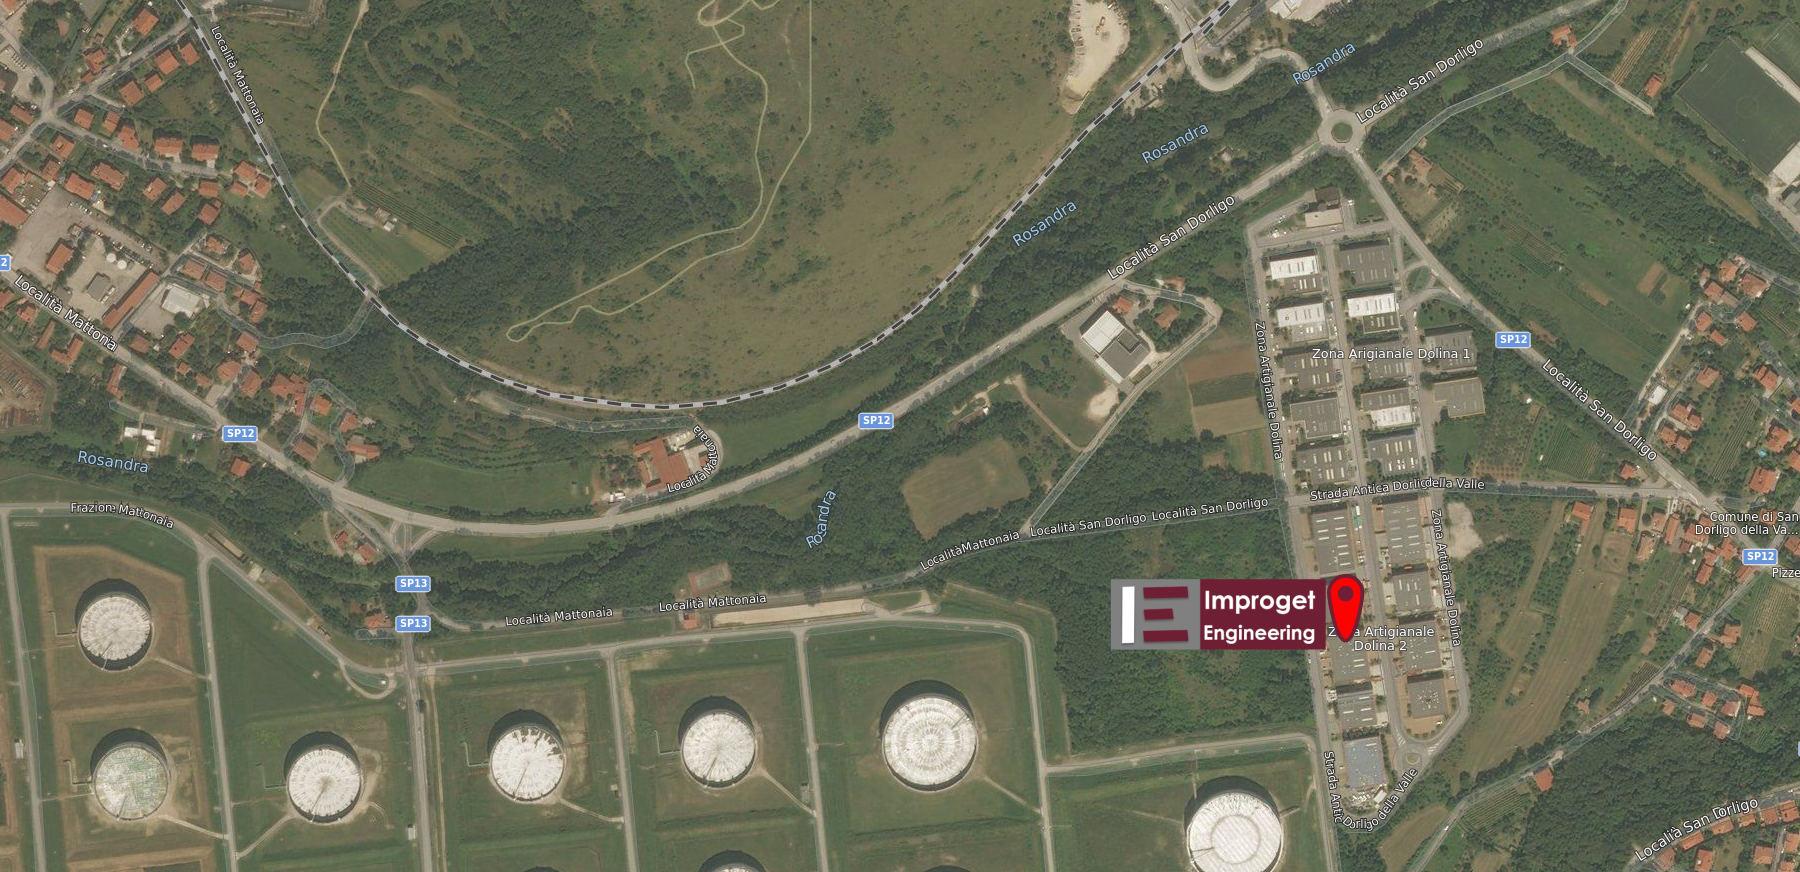 Dove siamo - Improget Engineering s.r.l. - Località Dolina 548/2 34018 Trieste (TS)